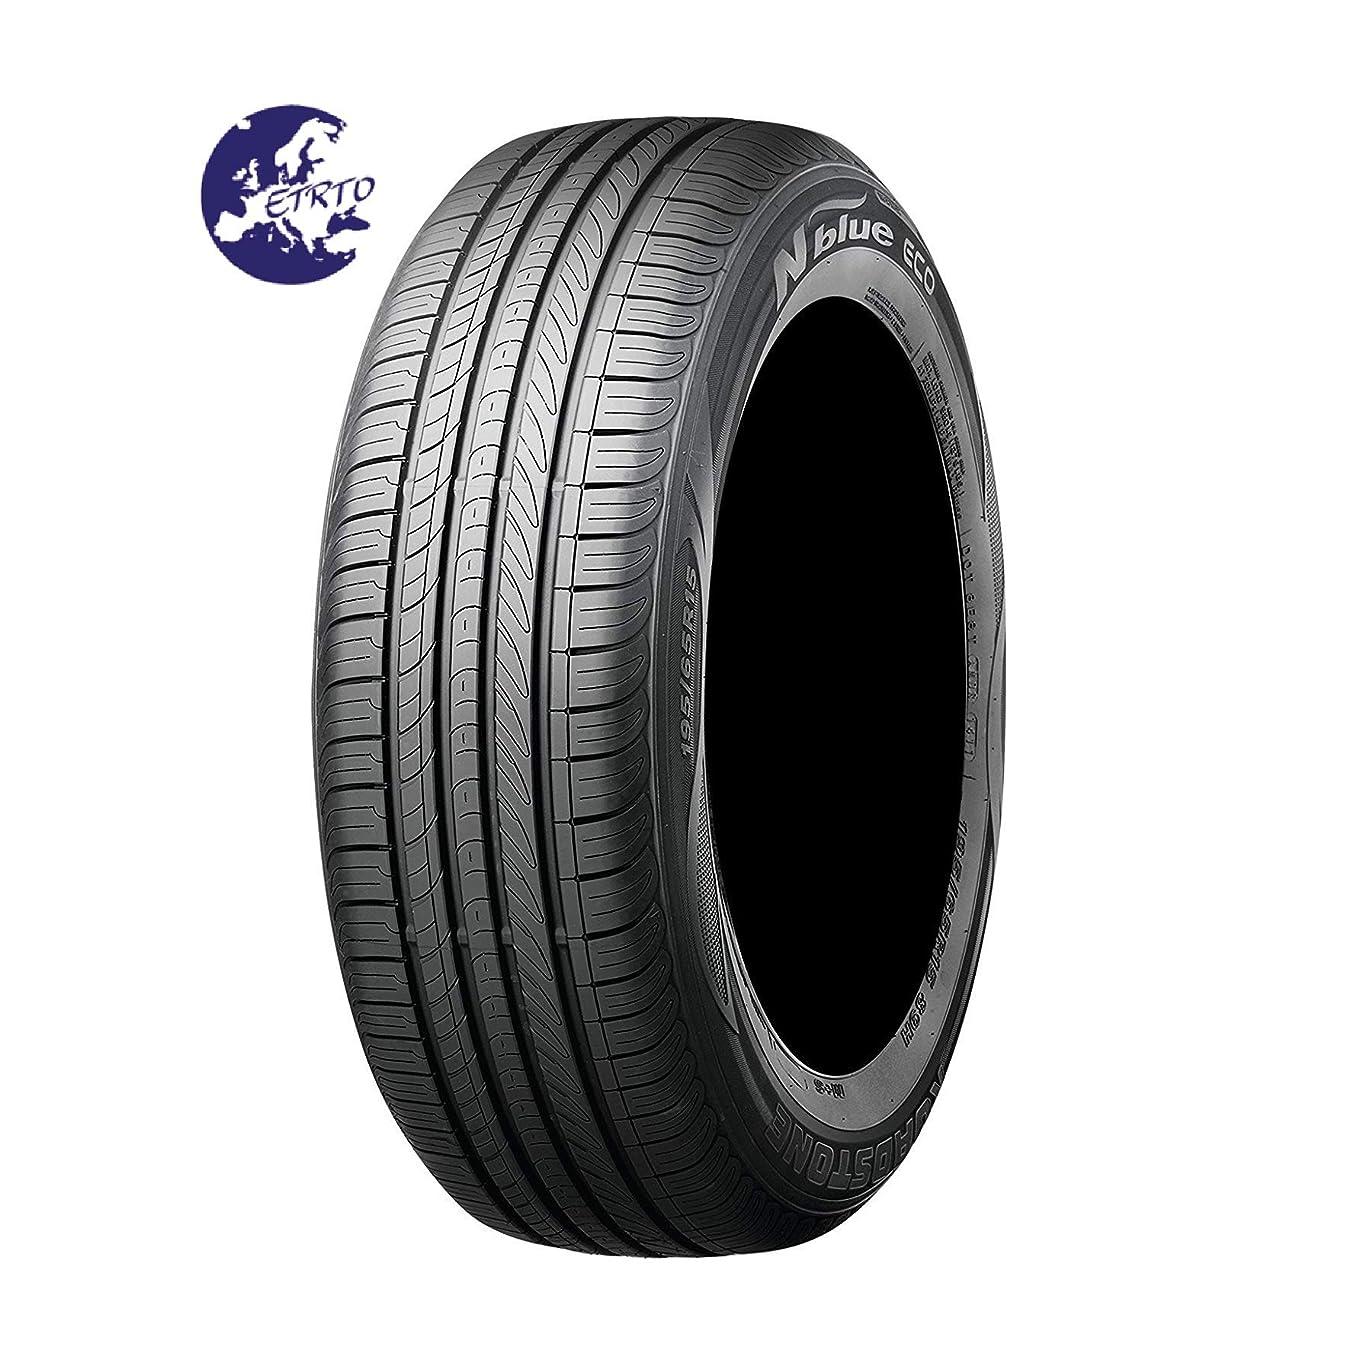 鉛筆フィットネス性差別2本セット ダンロップ(DUNLOP) 低燃費タイヤ LE MANS 5(ルマンV) 175/65R15 84H 327790